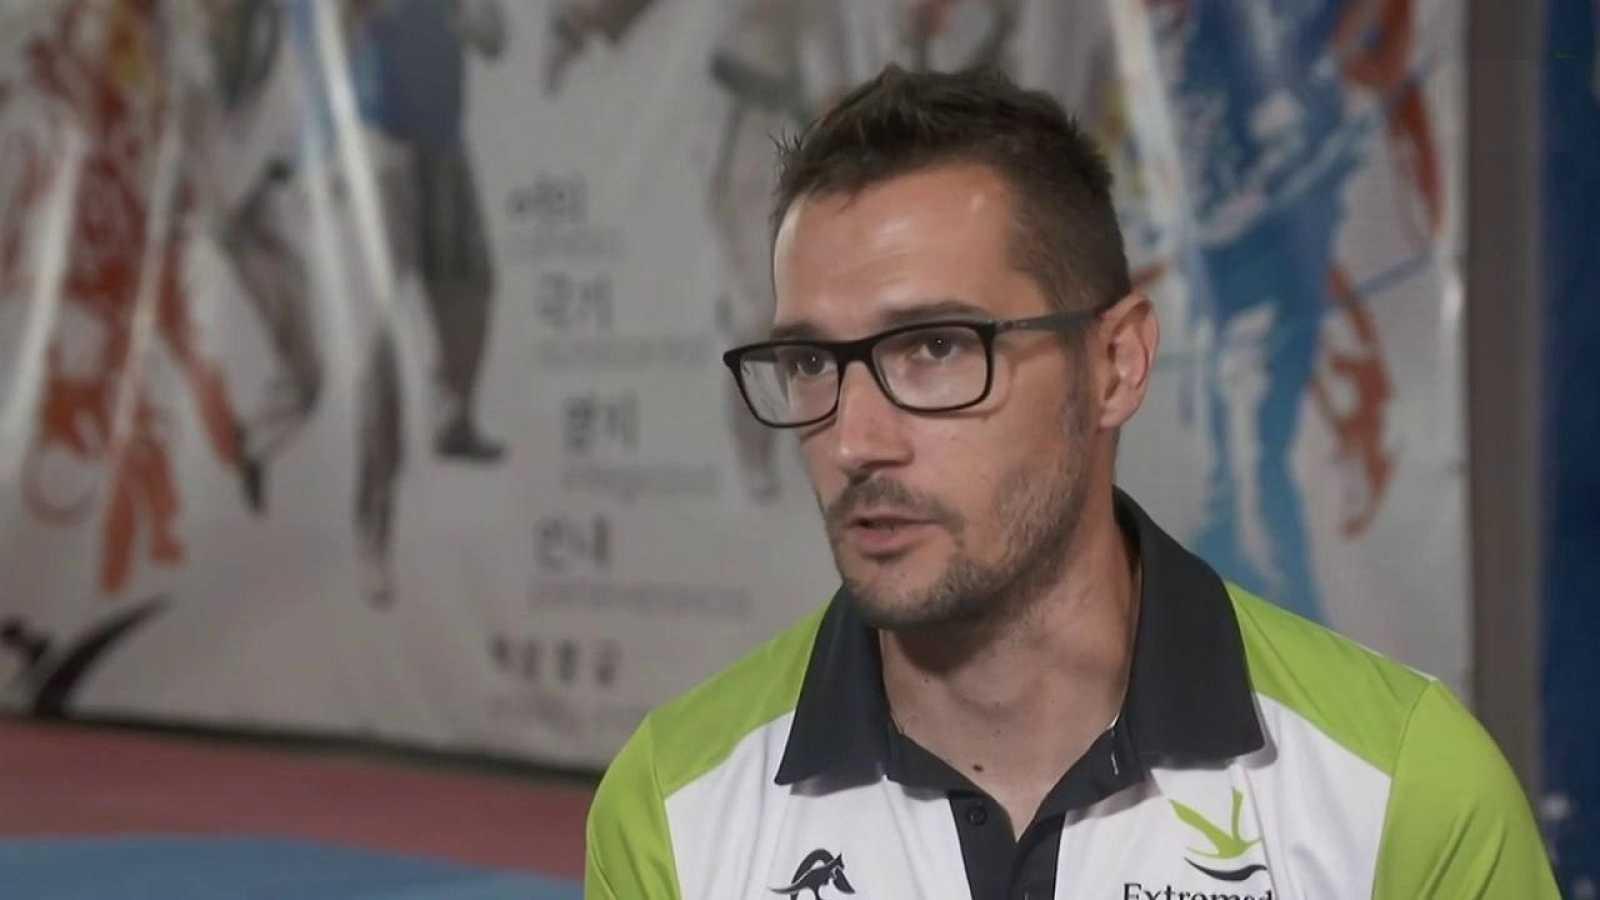 Jóvenes y deporte - Parataekwondo: Gabriel Amado - ver ahora